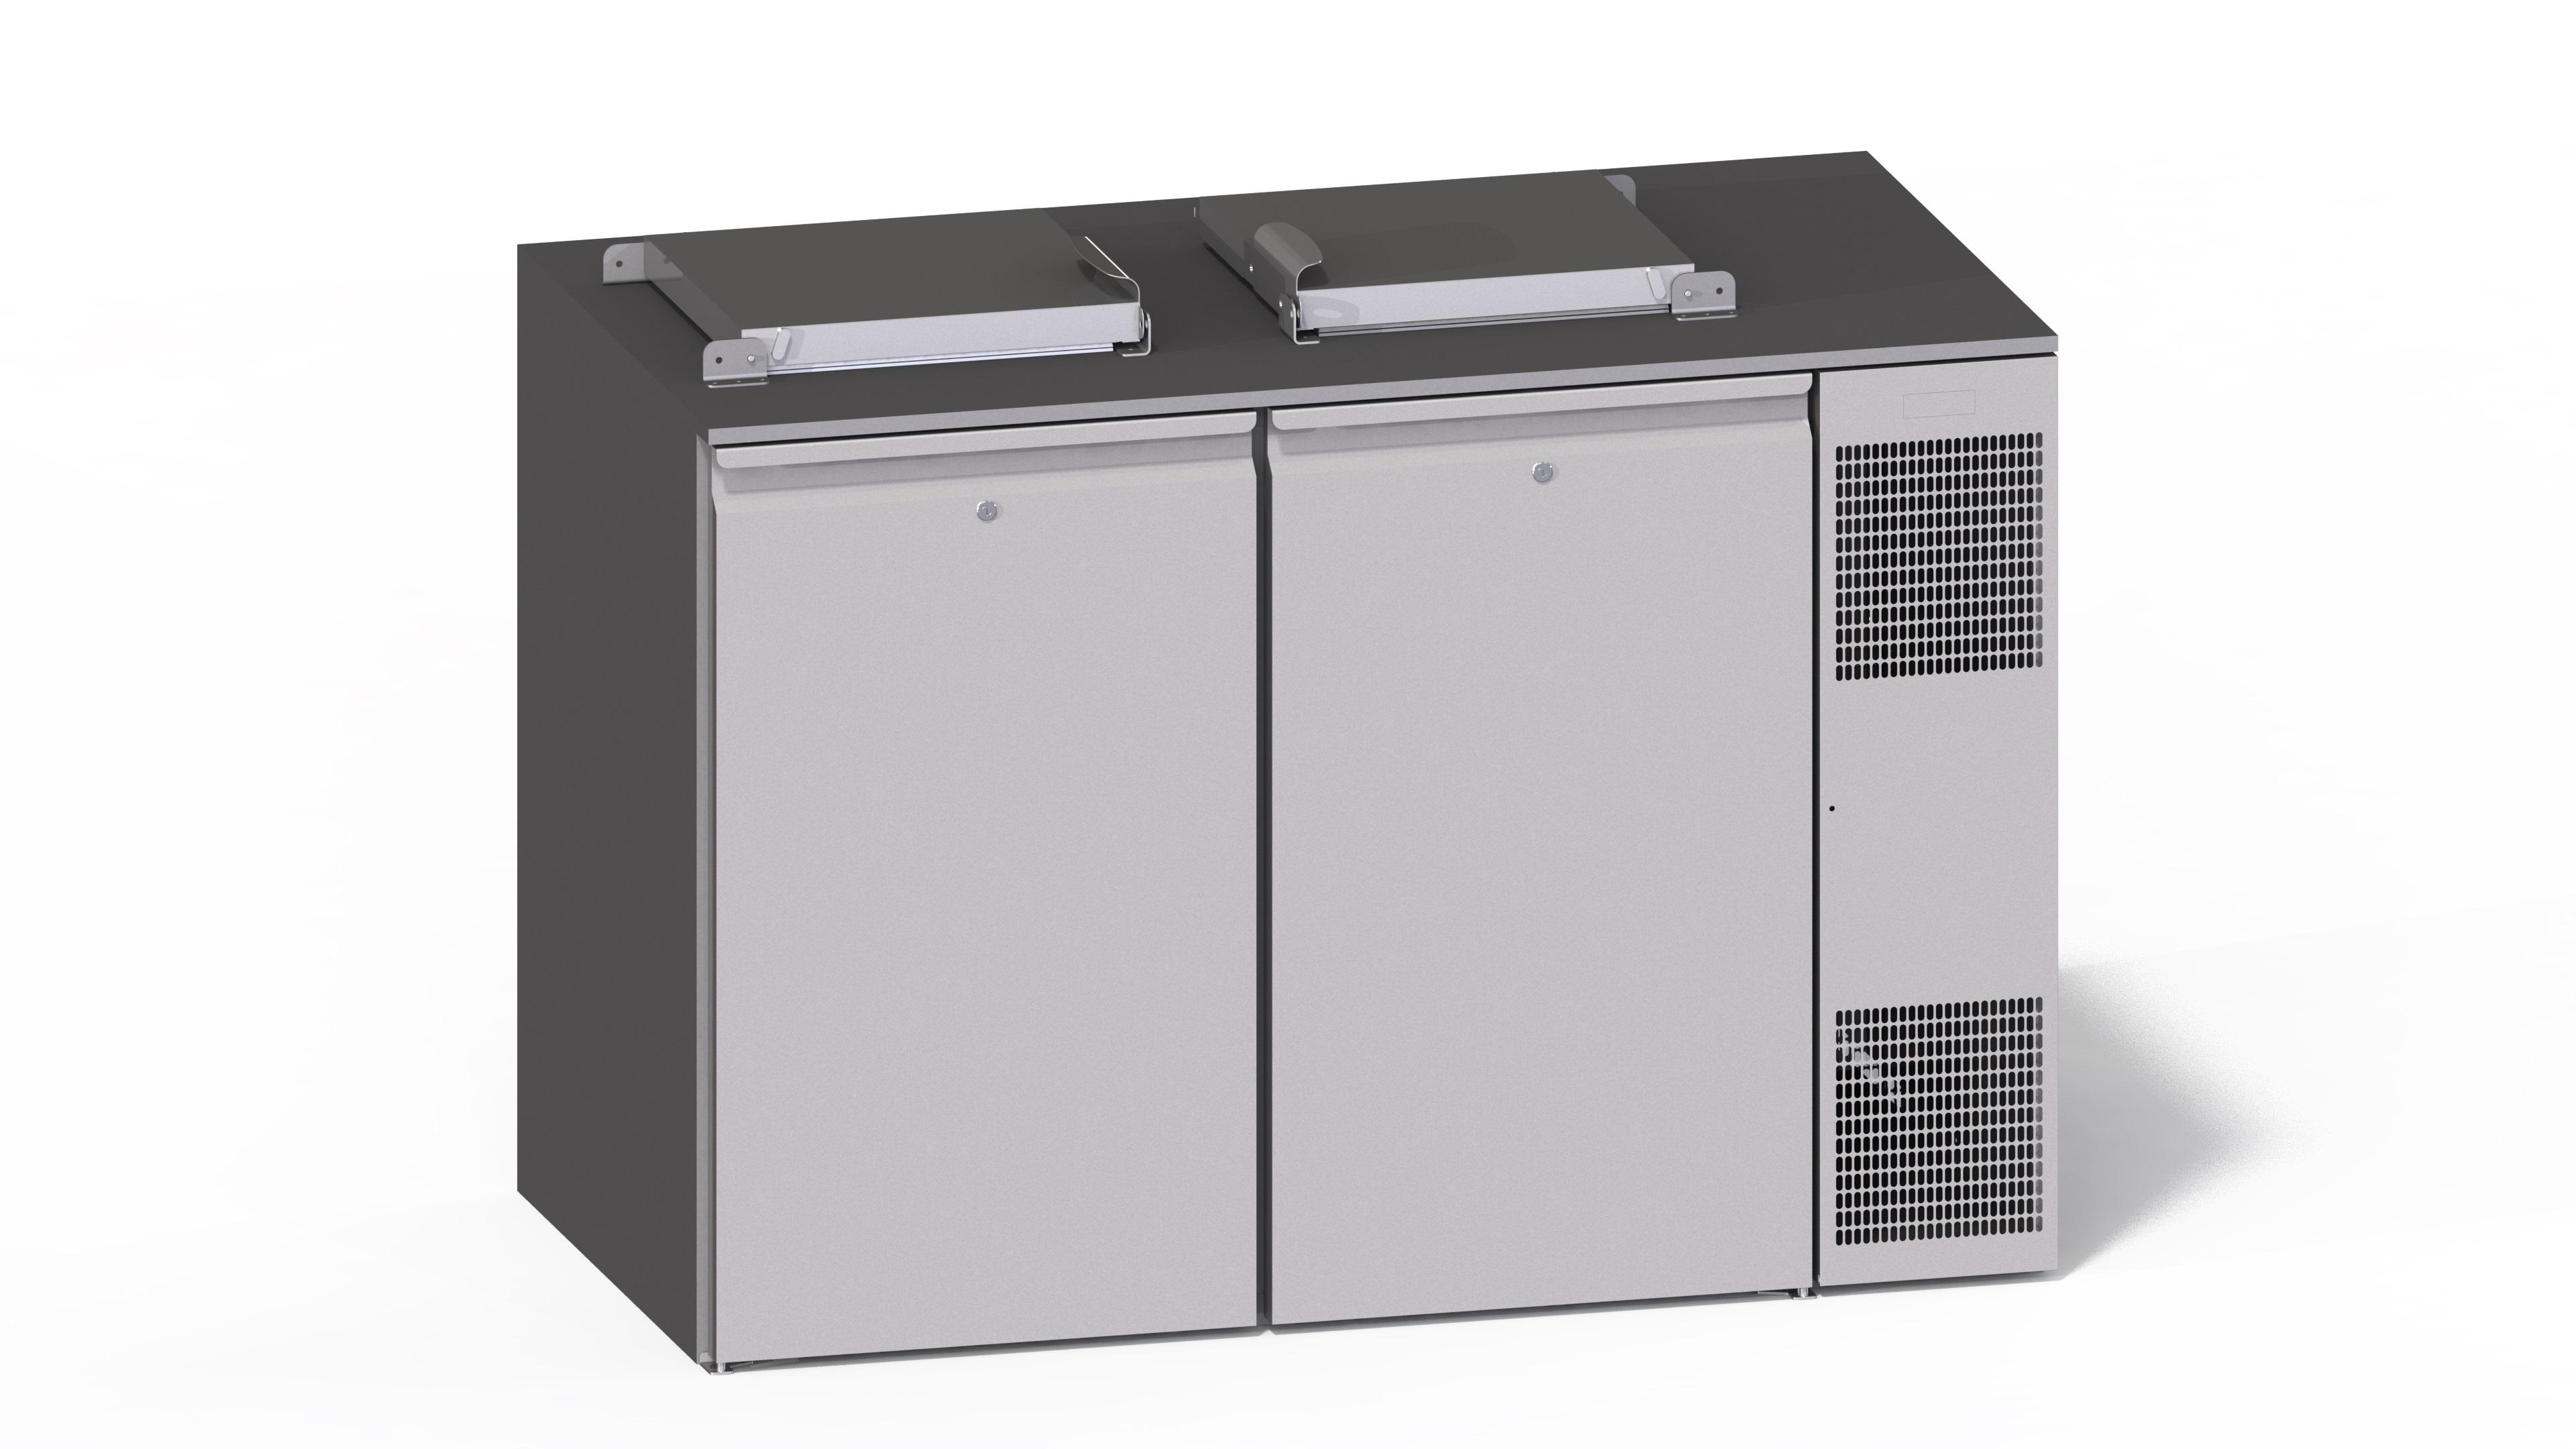 Auto Auto Cooling System K/ühler-Ausgleichsbeh/älterdeckel 3M5H-8100-AD Ersatz K/ühler-Ausgleichsbeh/älterdeckel